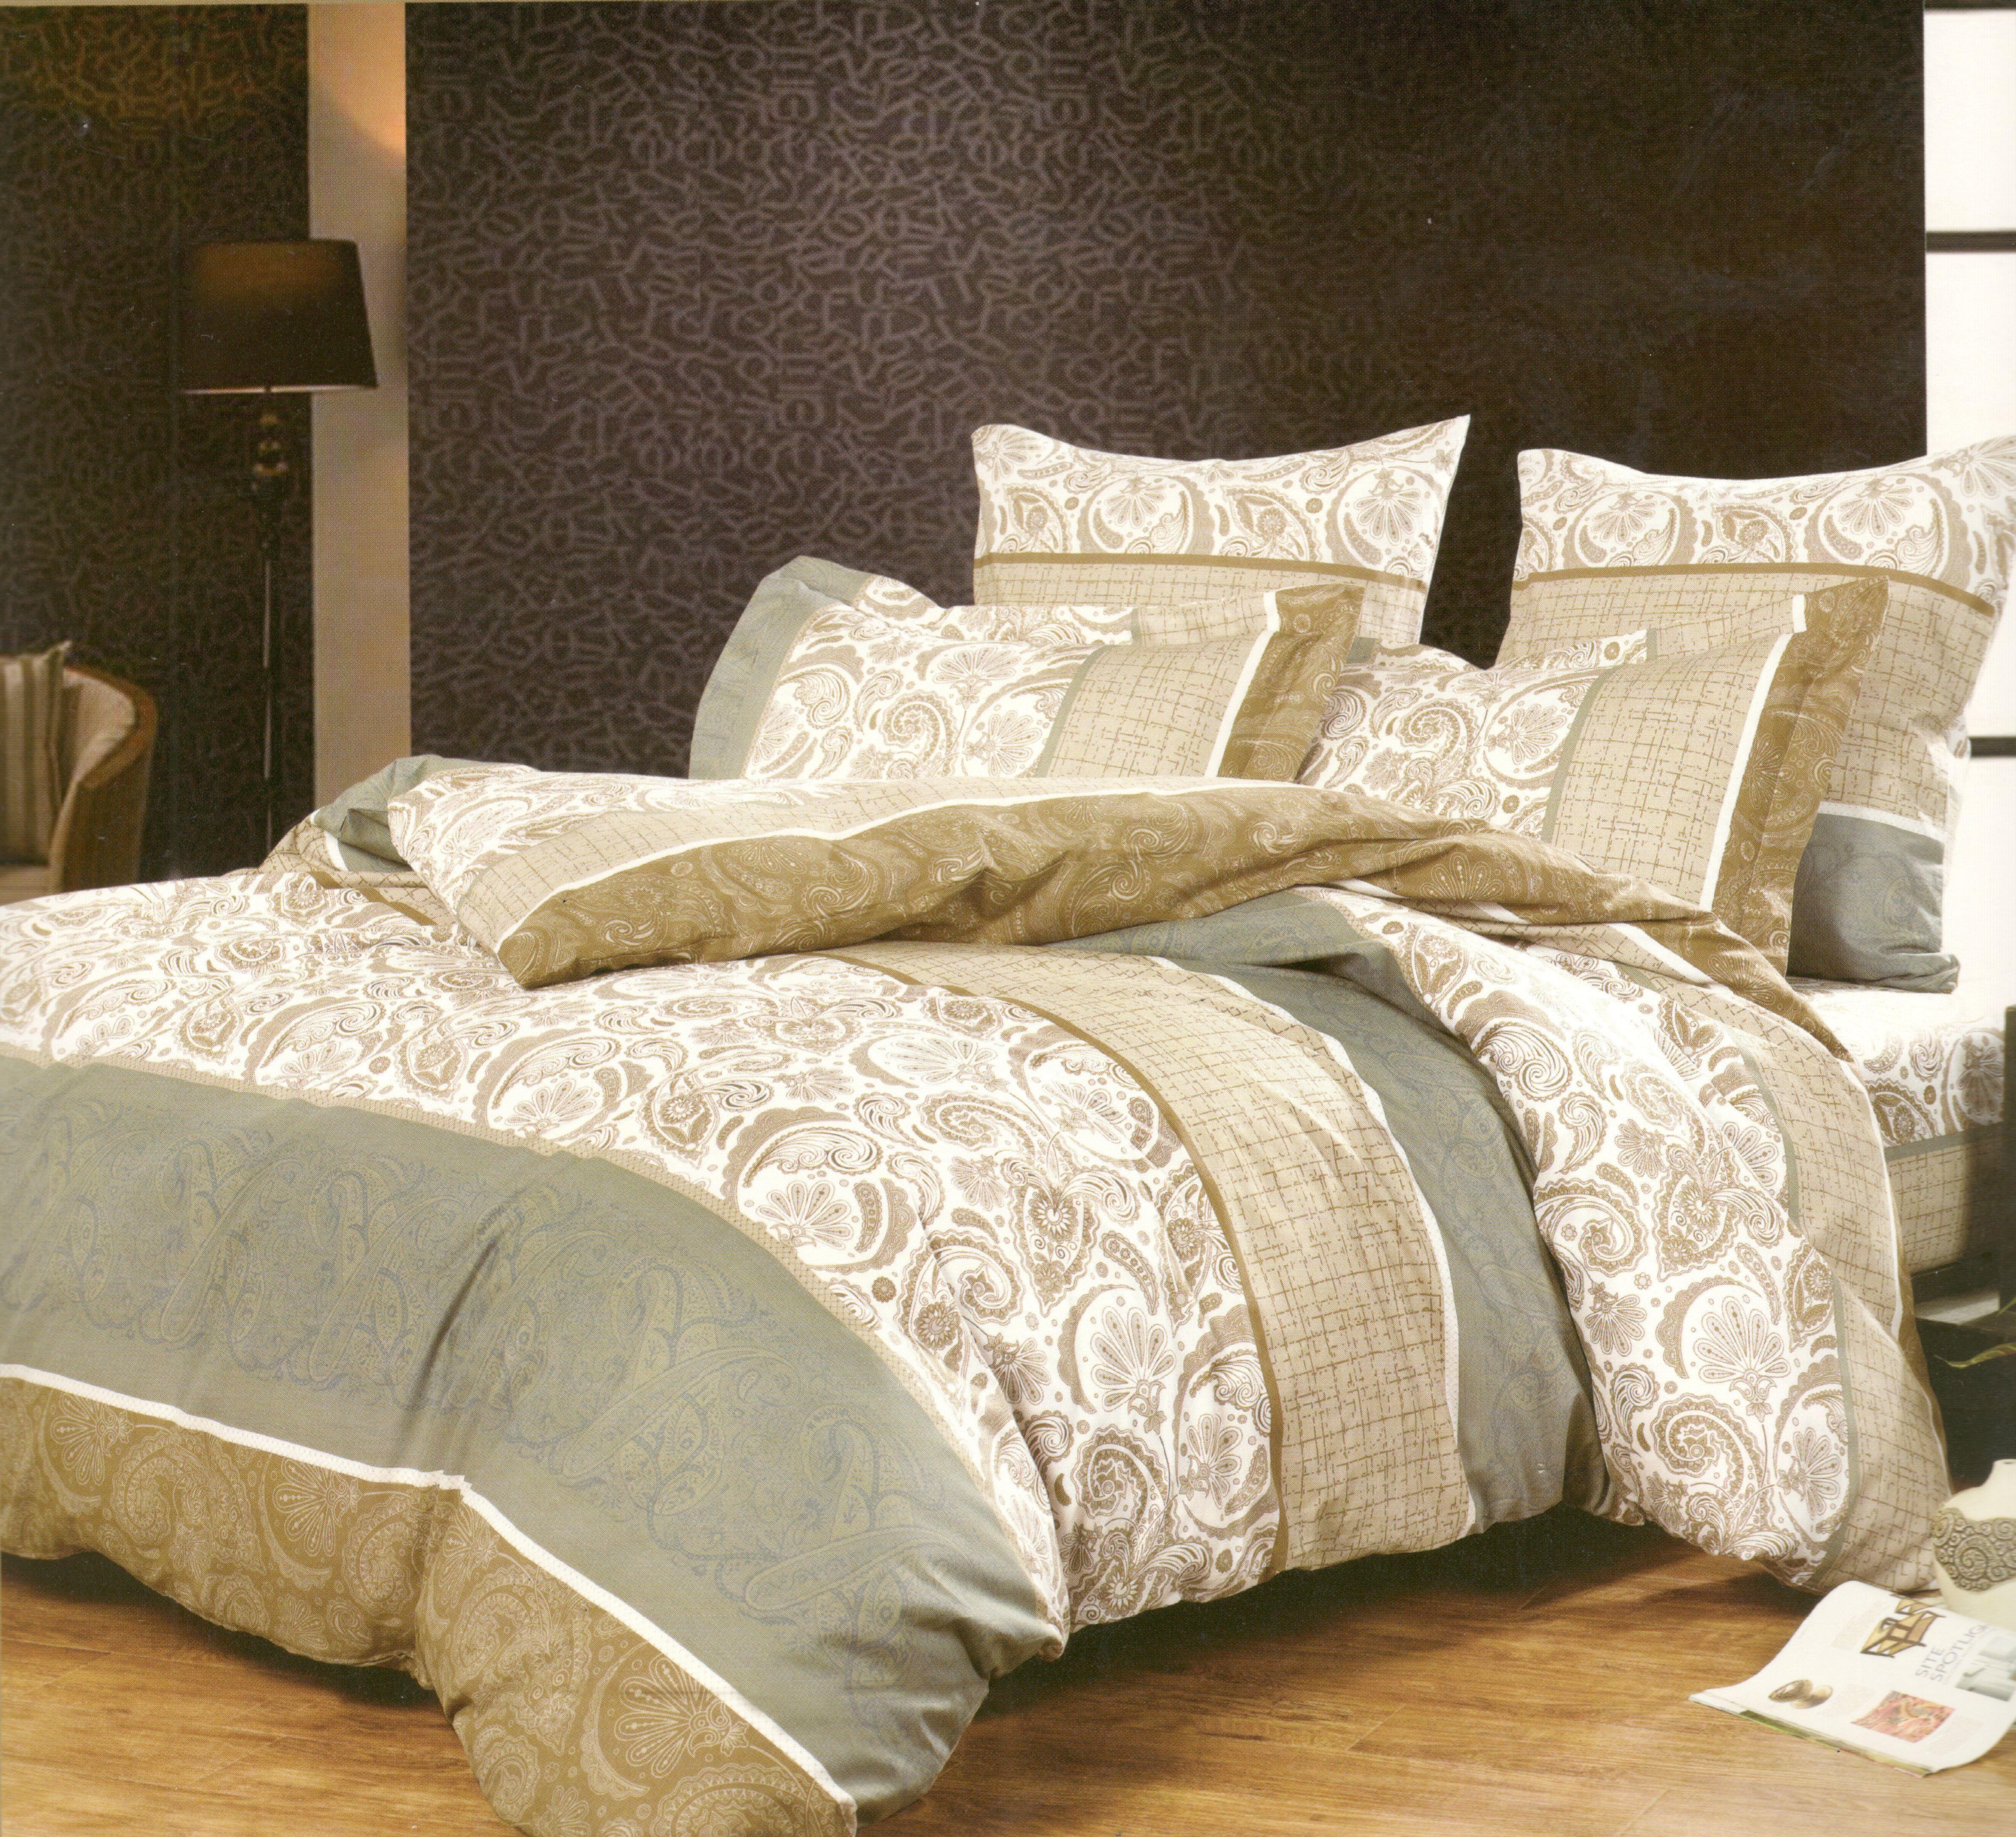 Купить Комплекты постельного белья СайлиД, Постельное белье Luxmedusa А/s-125 (сем.), Китай, Зеленый, Поплин